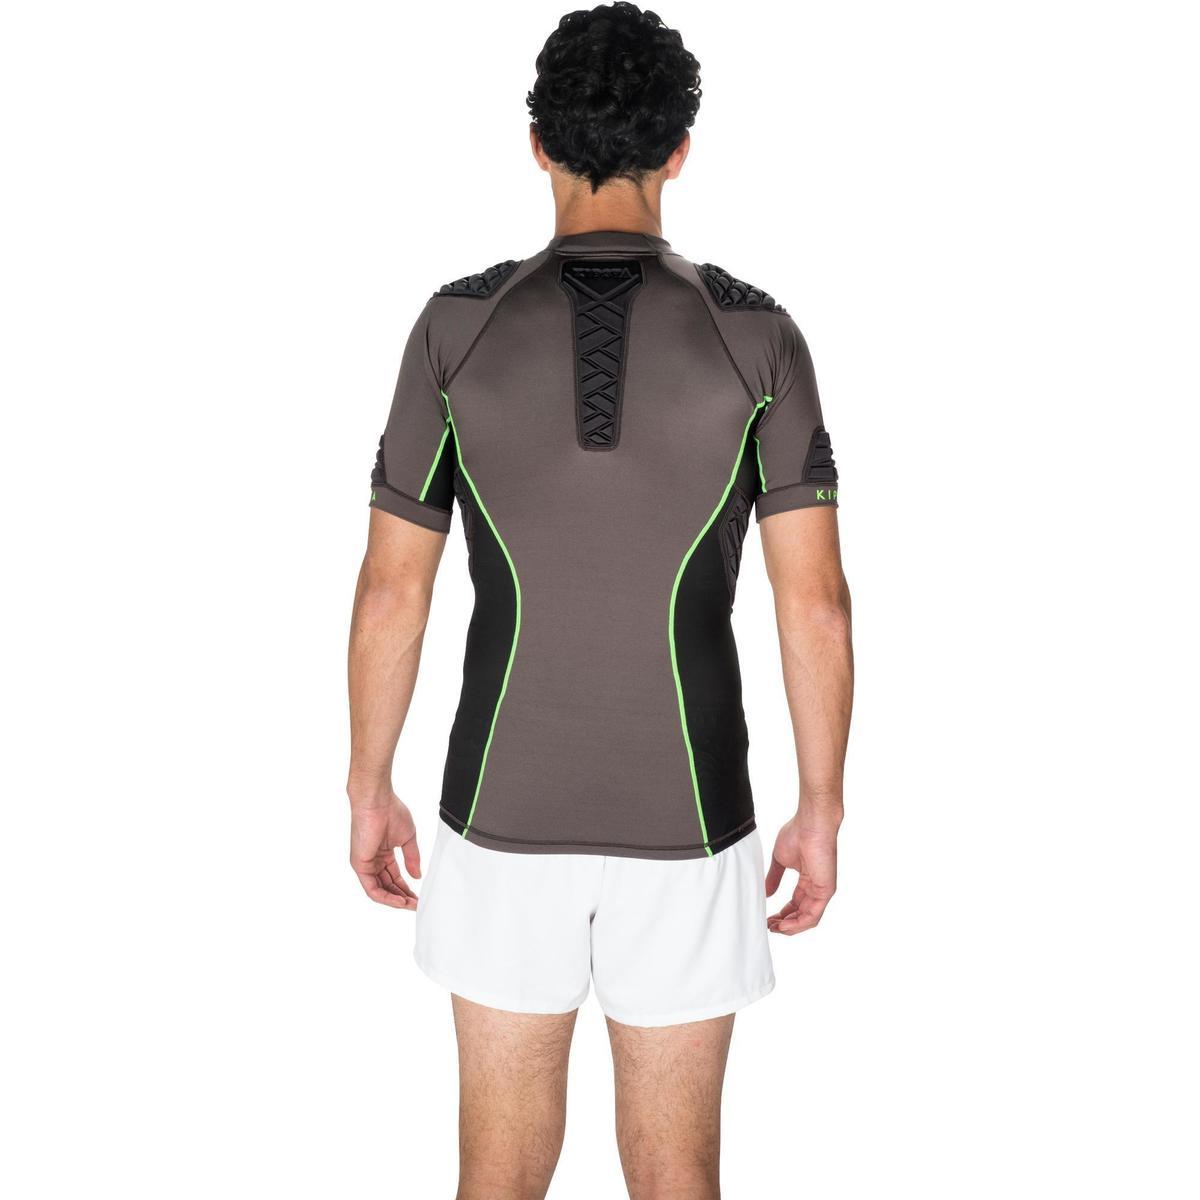 Bild 4 von Rugby-Schulterschutz Full H 900 Erwachsene grau/grün